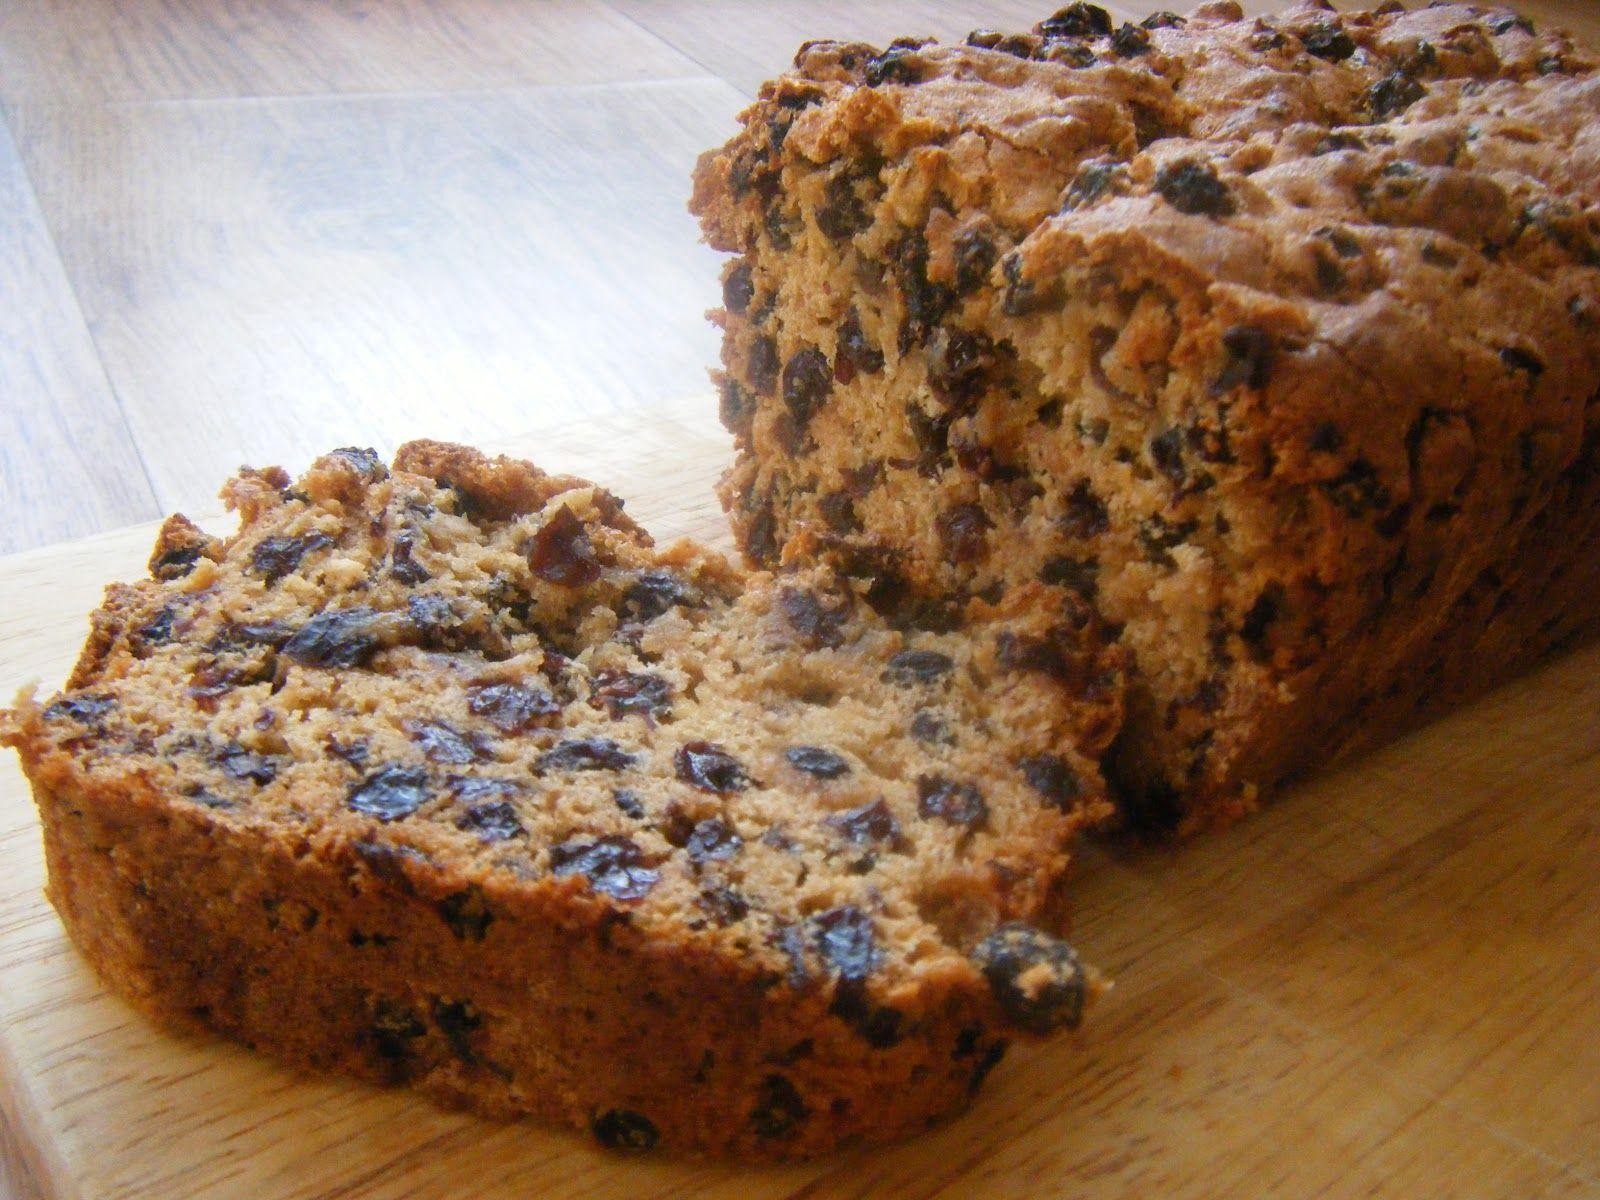 Fruit Cake Recipe Uk Easy: Healthy Fruit Cake